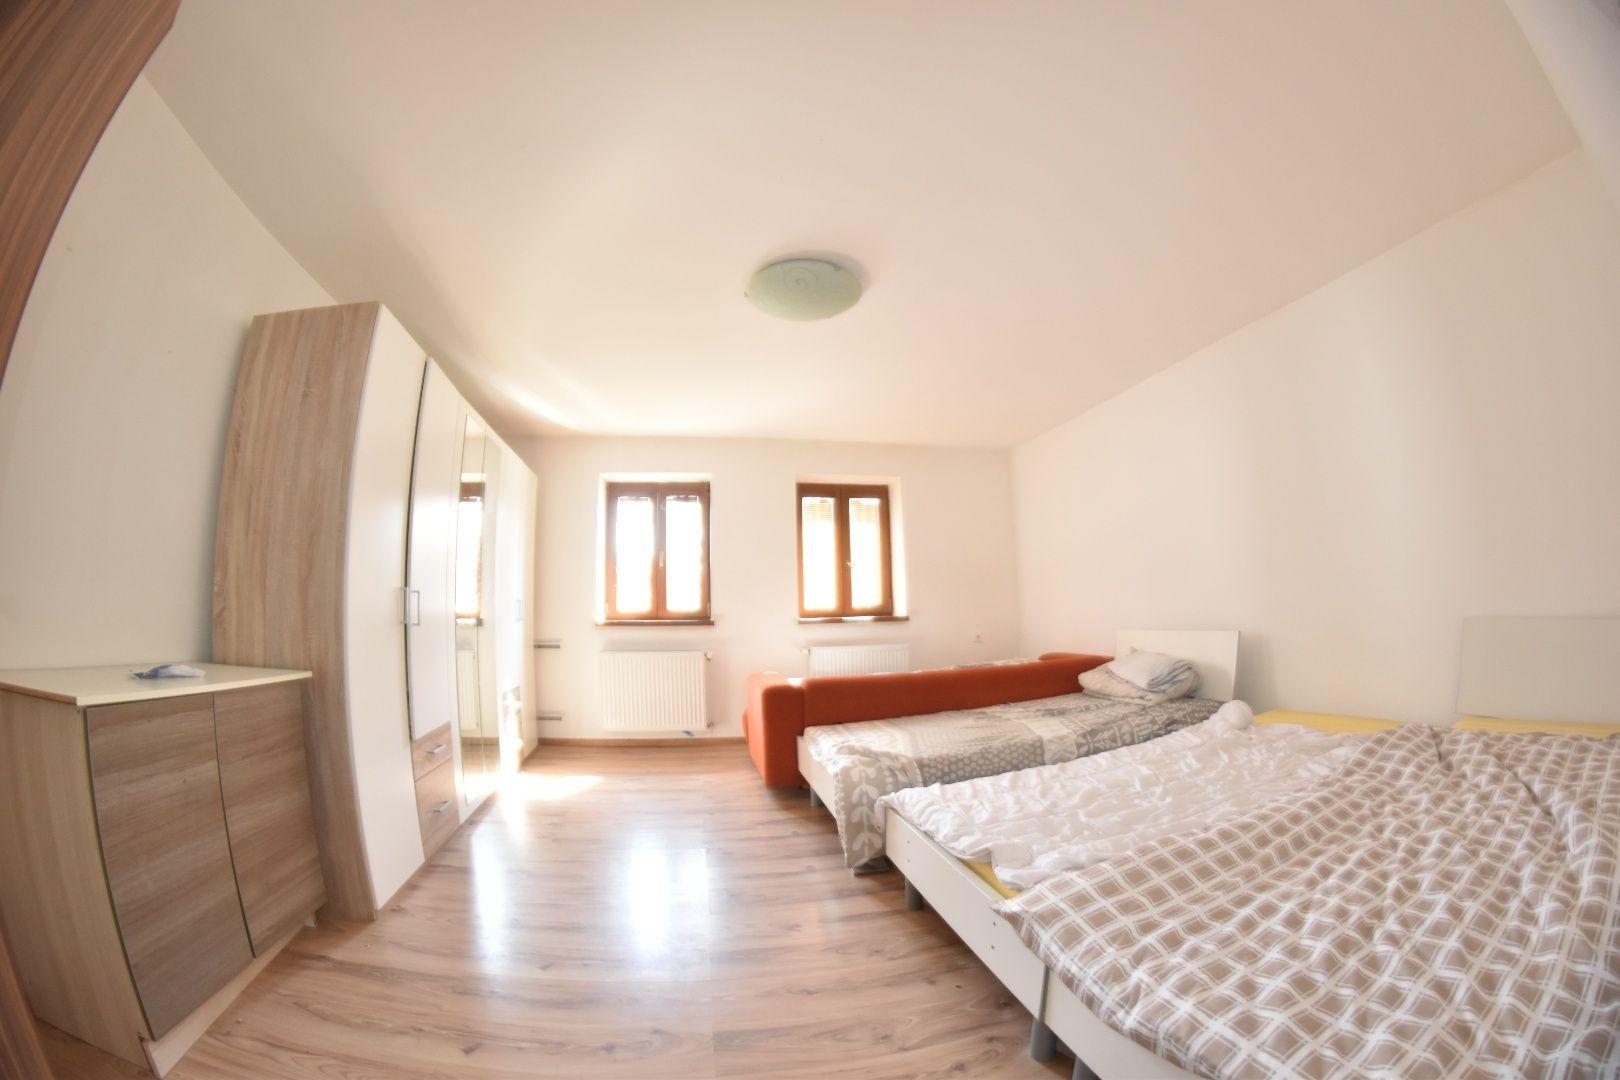 Rodinný dom-Prenájom-Bratislava - mestská časť Vajnory-500.00 €